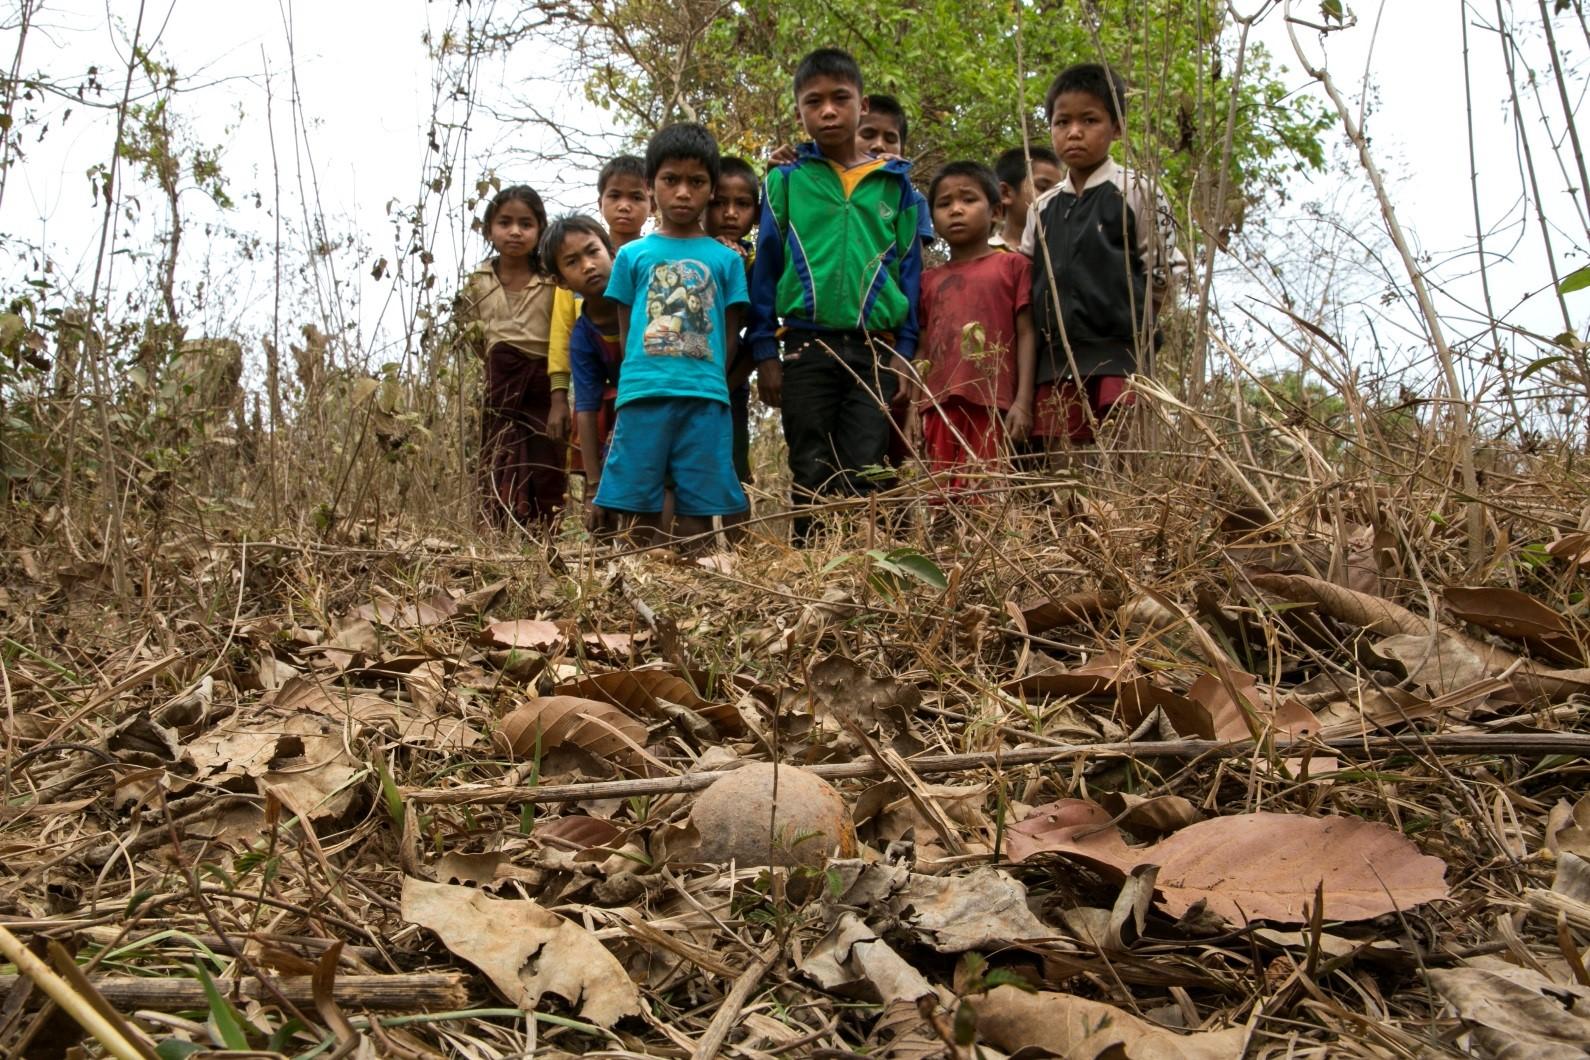 District de Toumlan, village de Nadoo Yai. Des enfants regardent une sous-munition non explosée qui a été trouvée près de leur village.